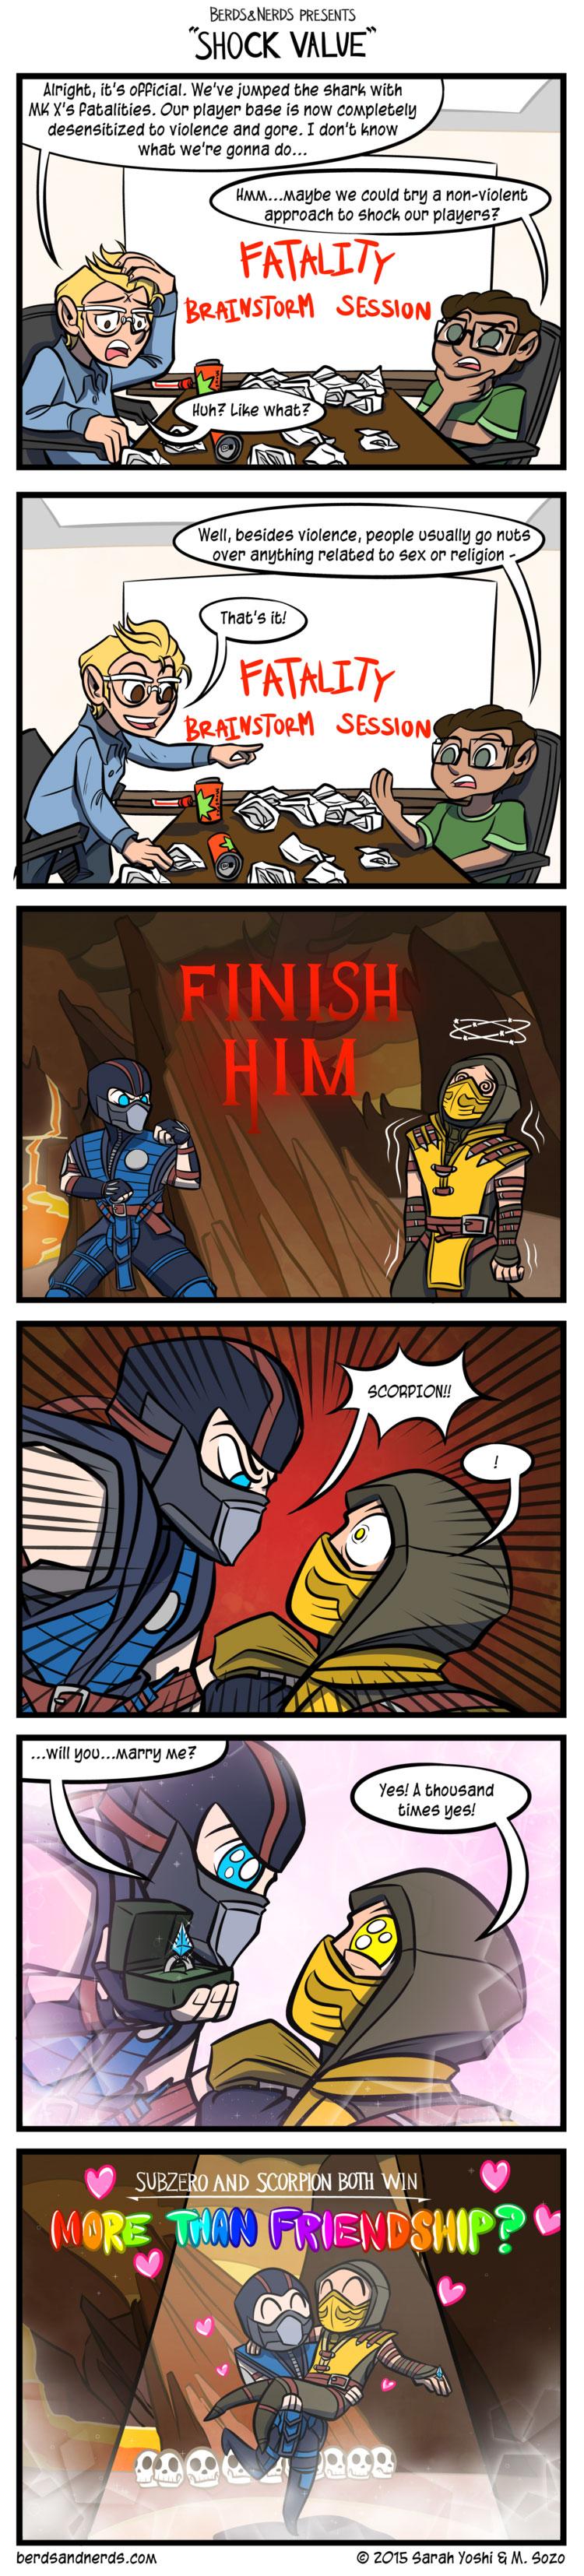 Shock Value Mortal kombat, Mortal kombat comics, Funny games